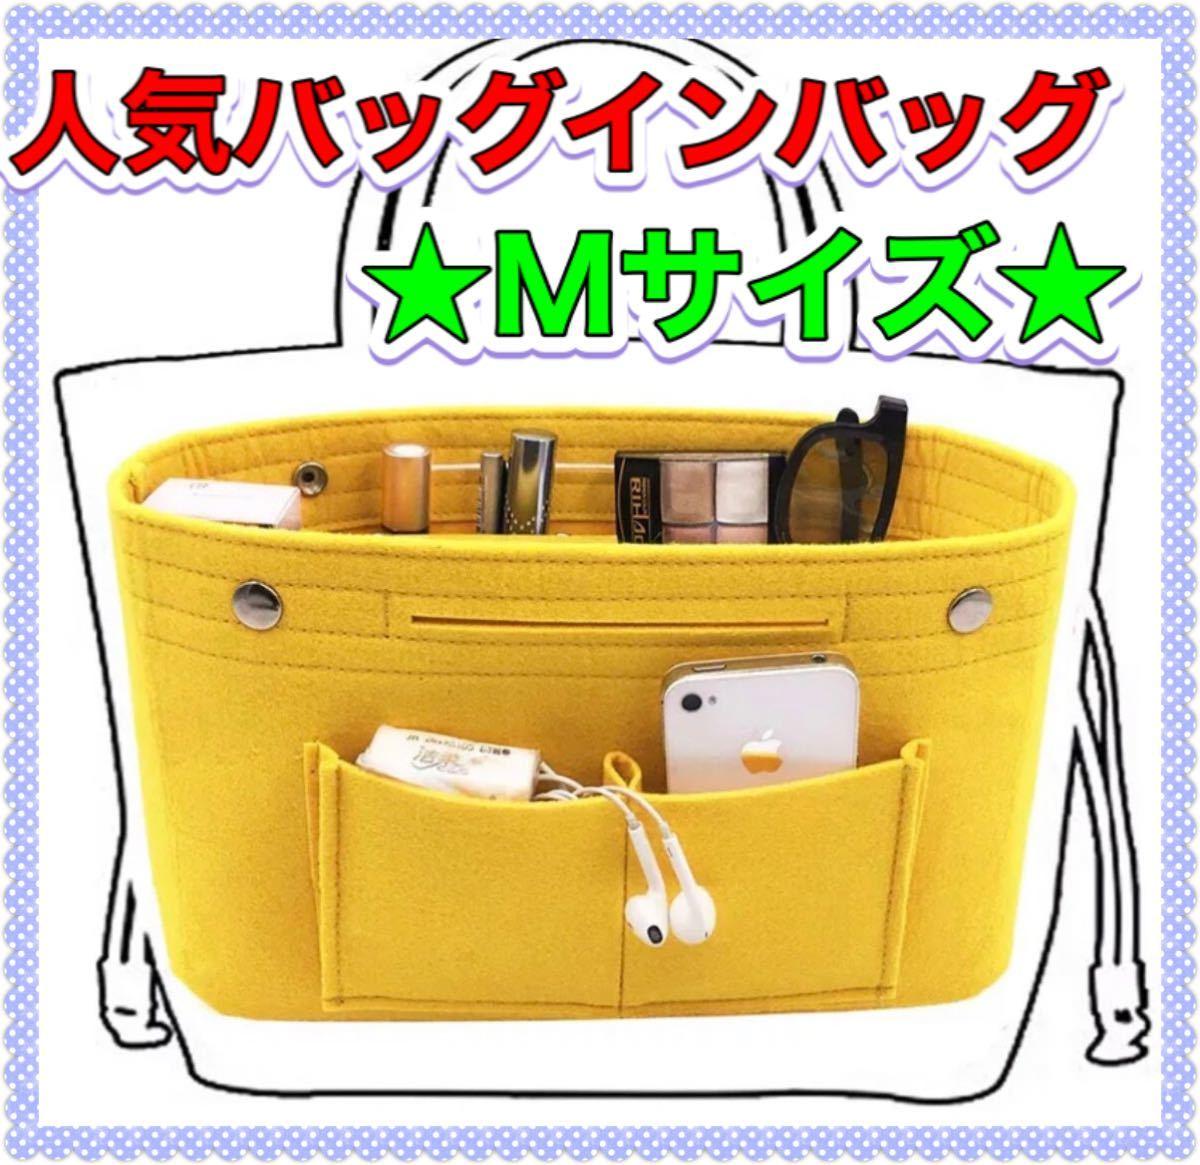 バッグインバッグ インナーバッグ ポーチ ハンドバッグ 男女兼用 メンズ 黄色 トートバッグ ショルダーバッグ